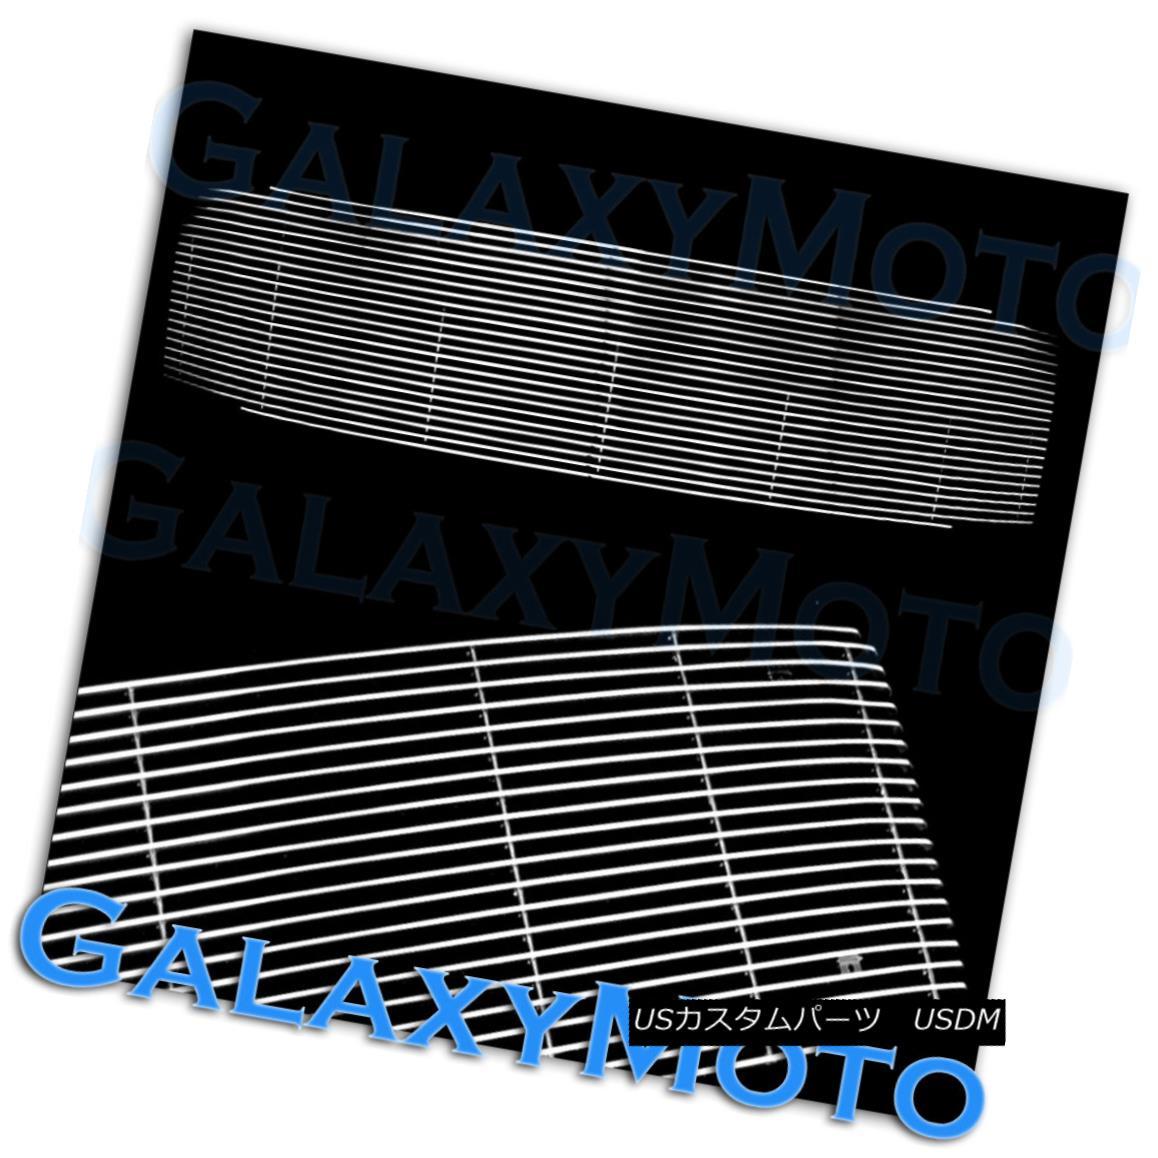 グリル 99-04 Ford Super Duty+Excursion Replacement Polished Chrome Billet Grille Insert 99-04フォードスーパーデューティ+エクスカーション交換ポリッシュクロムビレットグリルインサート